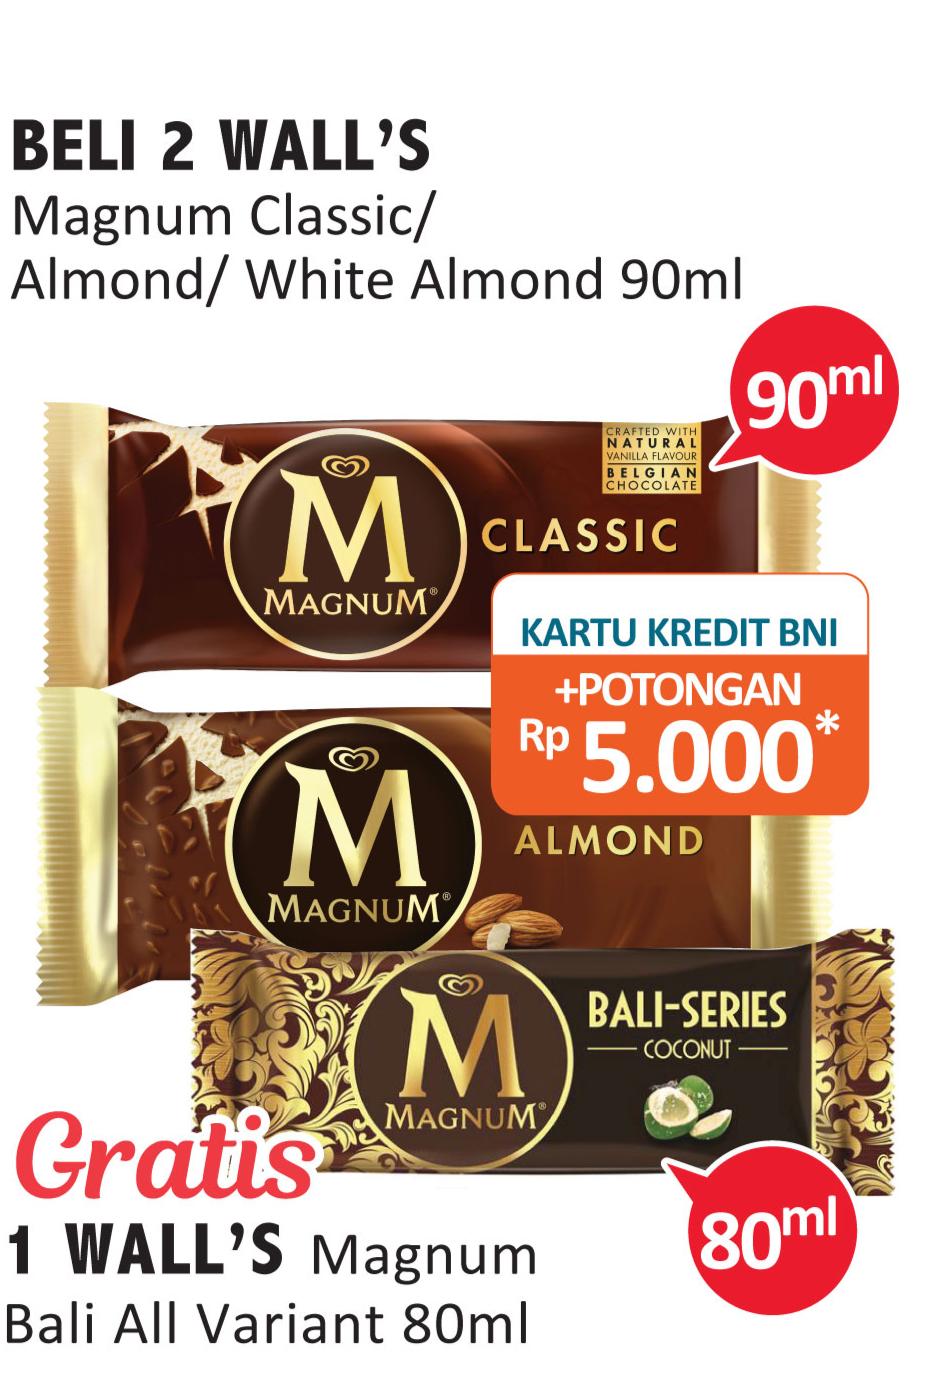 Promo Harga WALLS Magnum Almond, Classic 90 ml - Alfamidi